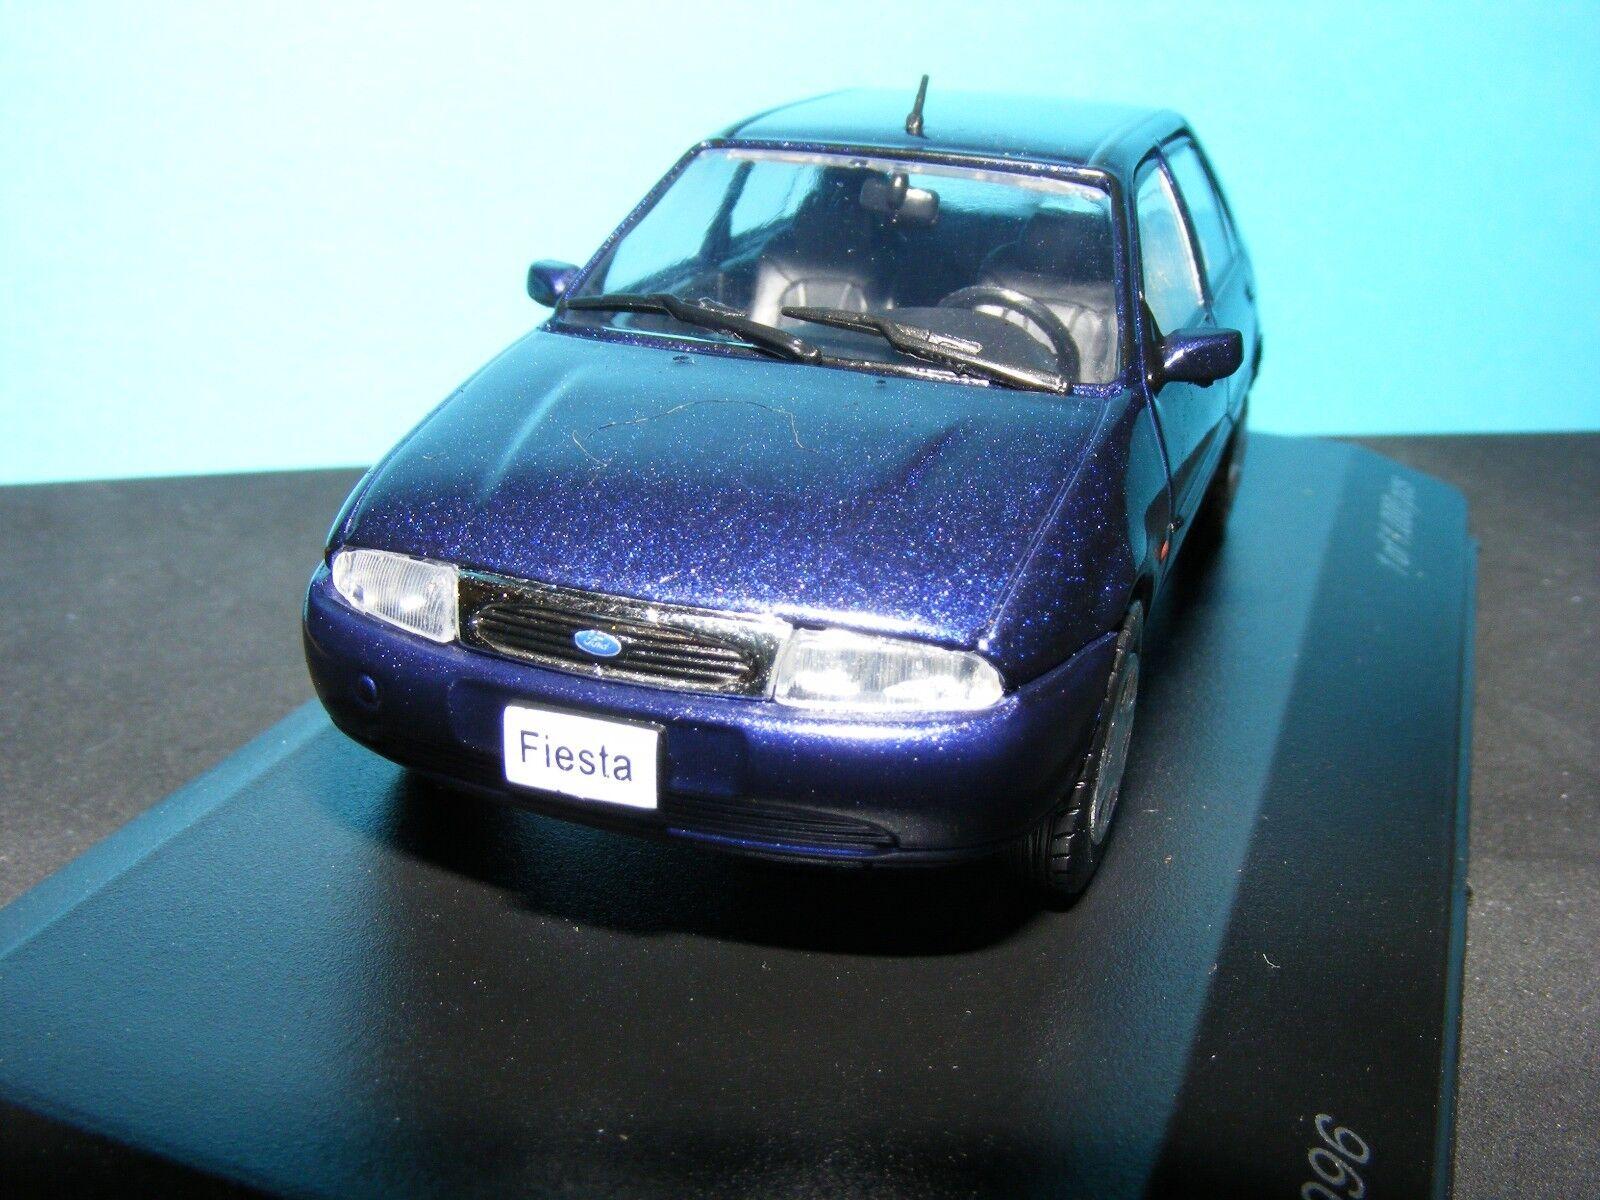 Ford Fiesta 5 door  1996 in  Met. bluee  Whitebox Product in 1 43rd. Scale